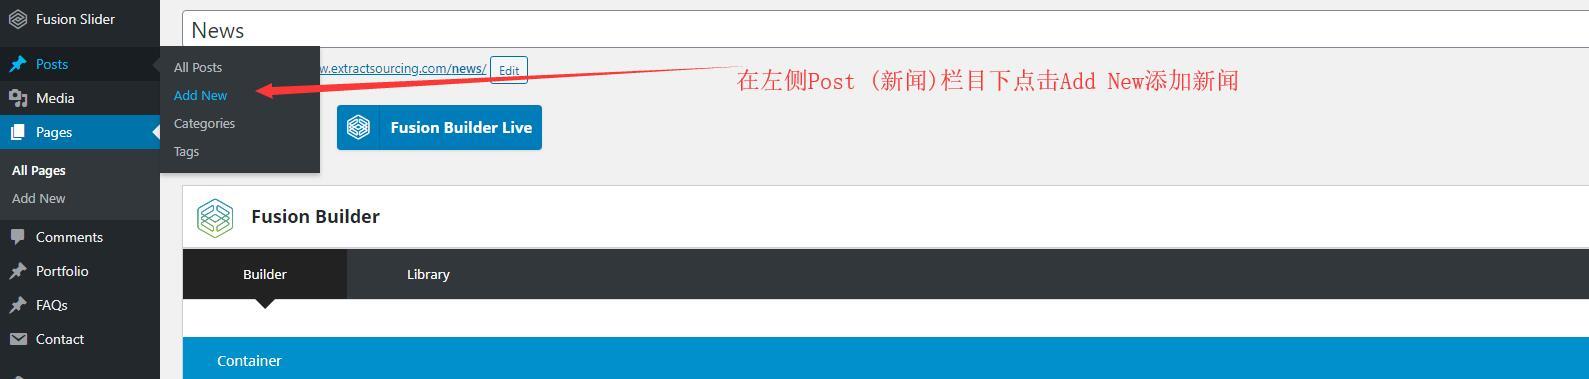 5.0 外贸网站新建新闻页面